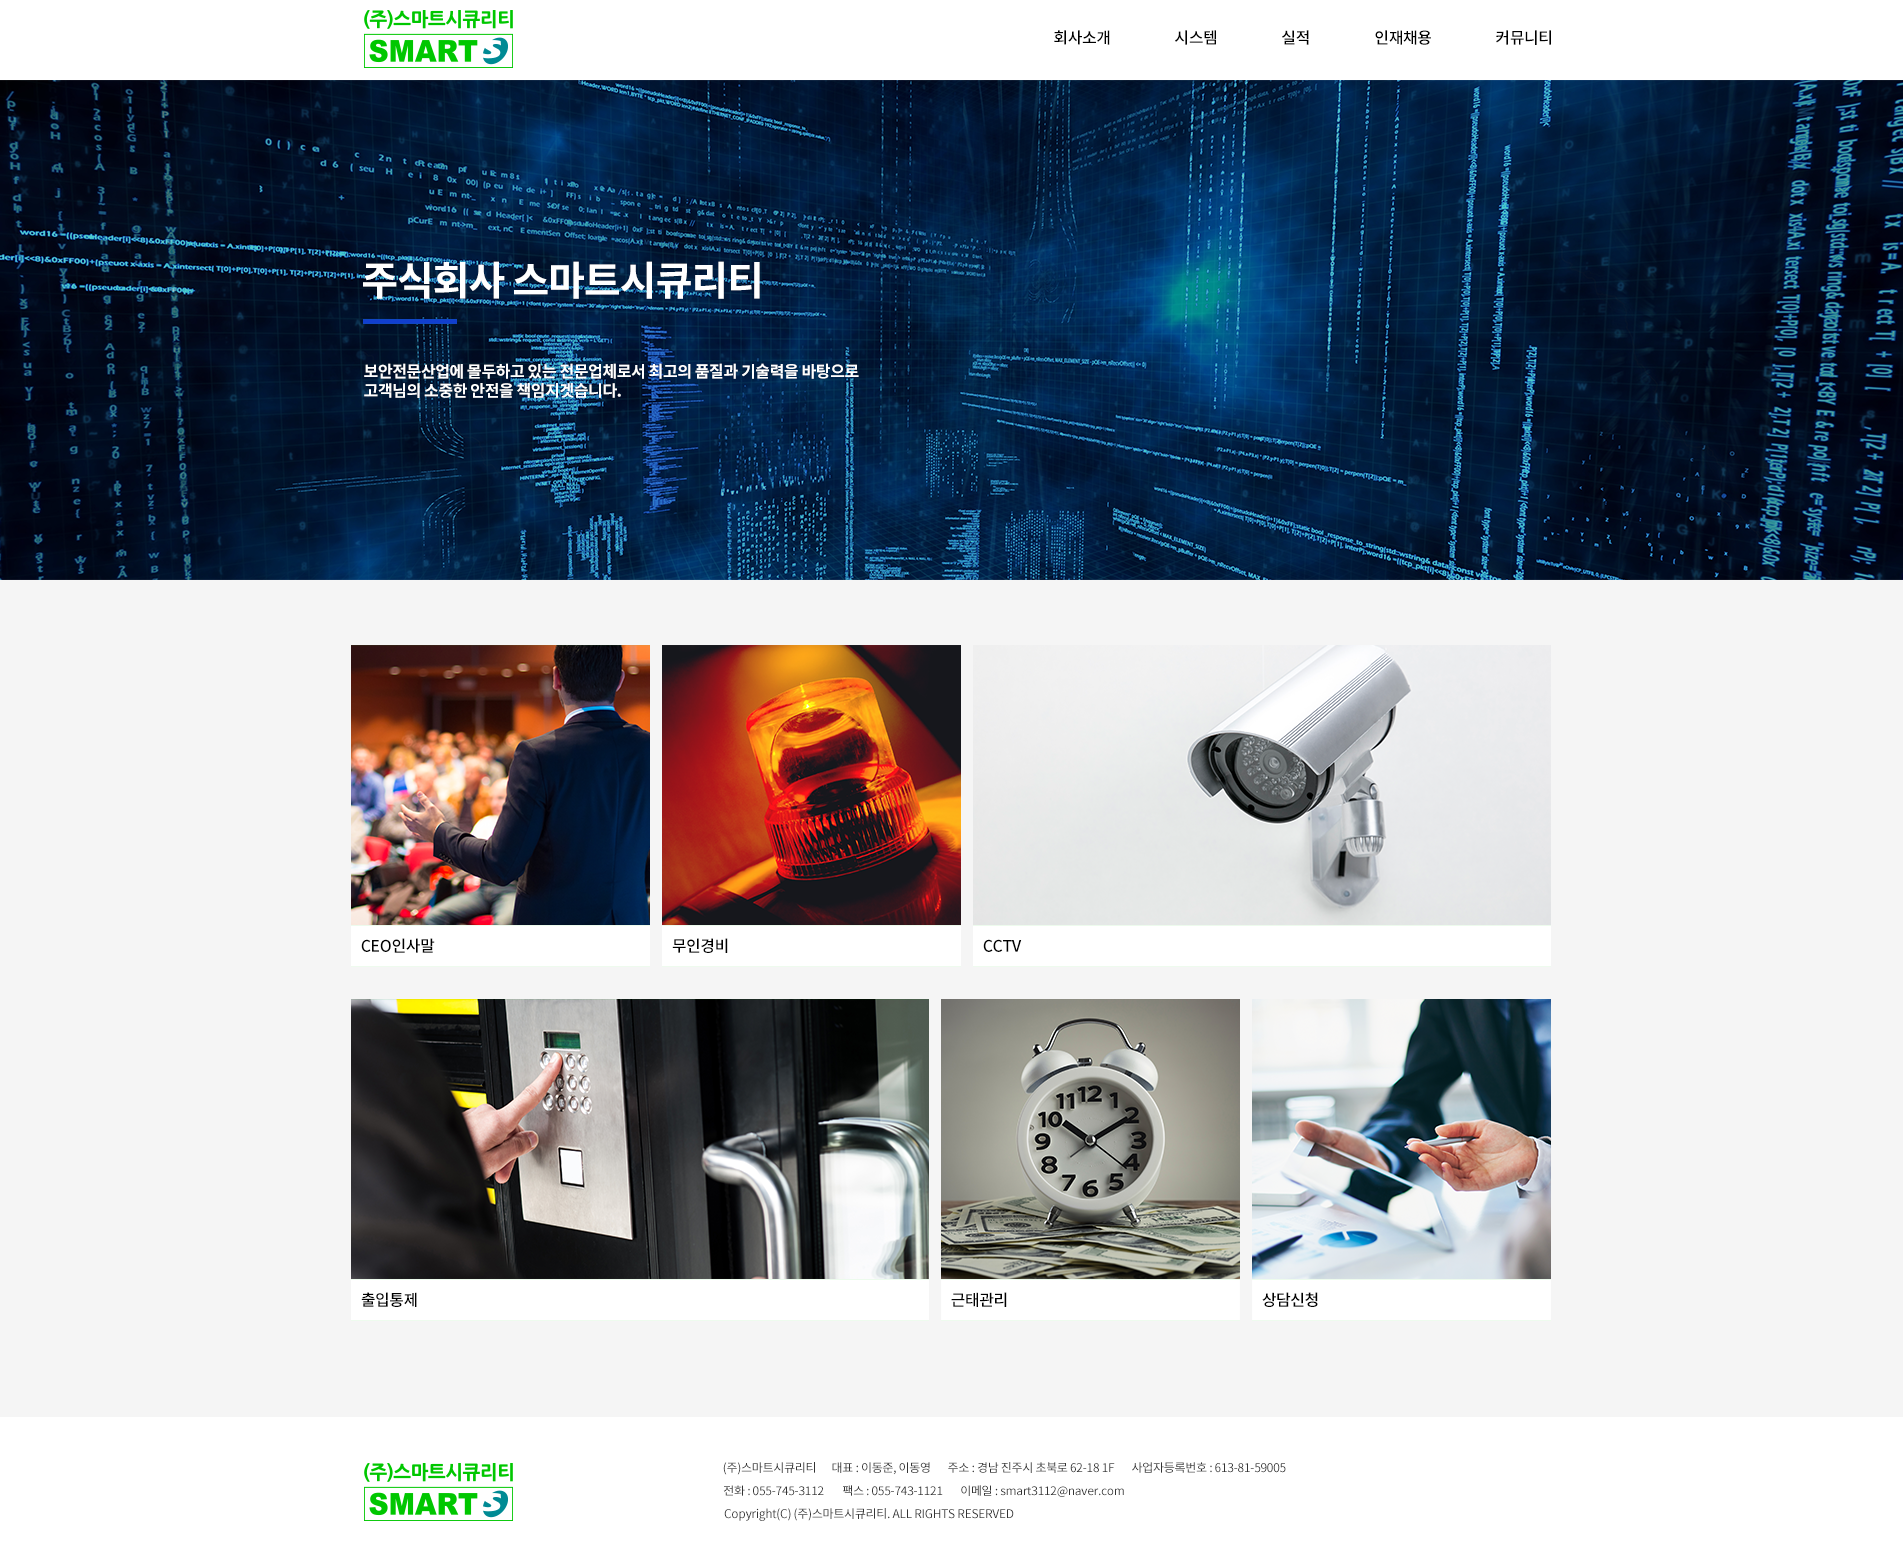 [반응형 회사홈페이지] CCTV, 보안시스템 구축 전문기업 주식회사 스마트시큐리티